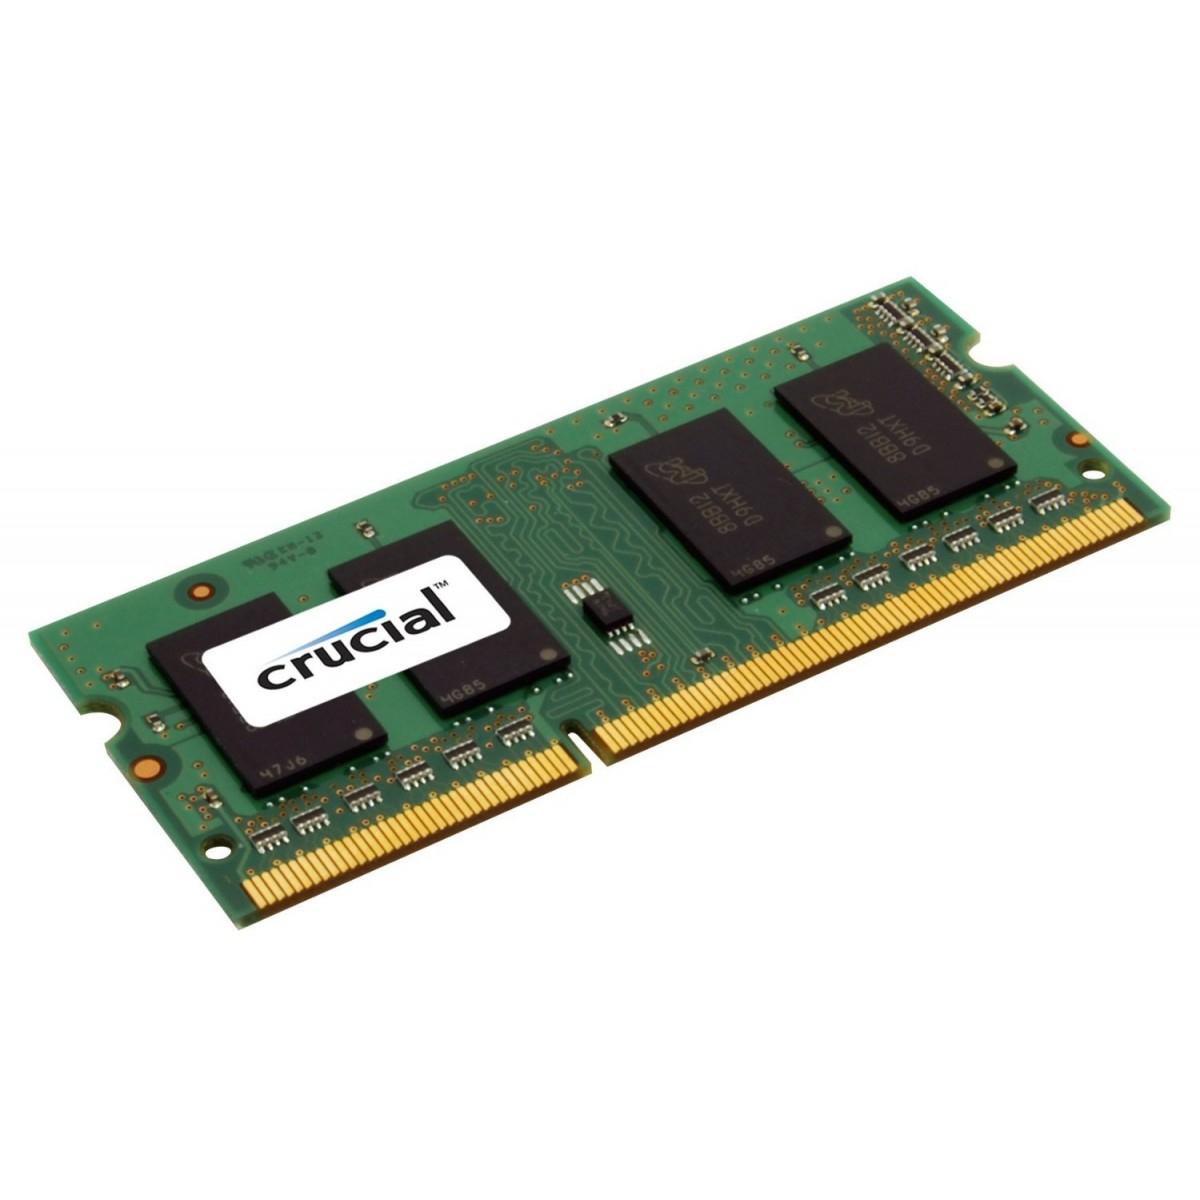 Crucial 8GB DDR3 SODIMM 8GB DDR3 1600MHz memory module